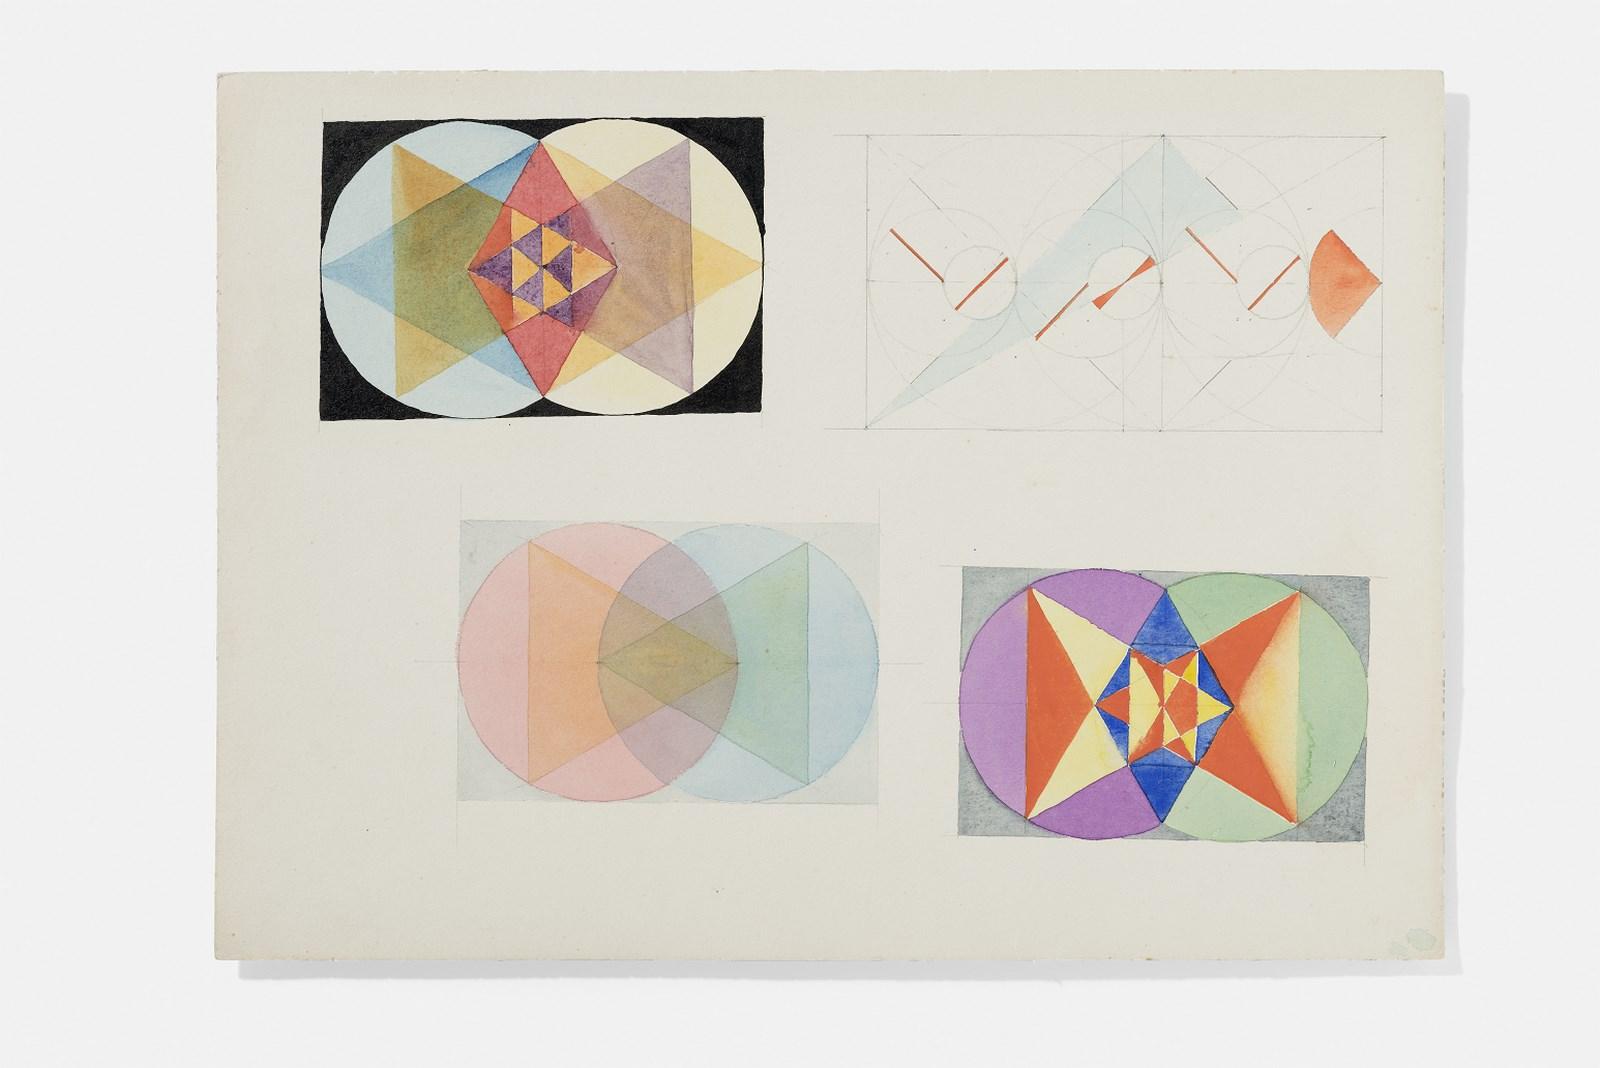 Dibujo atribuido a Marianne Ahlfeld-Heymann. Ejercicio para las clases de teoría de la forma pictórica dictadas por Paul Klee. 1923-1924.   Foto: A. Körner (bildhübsche Fotografie) / Gentileza ifa